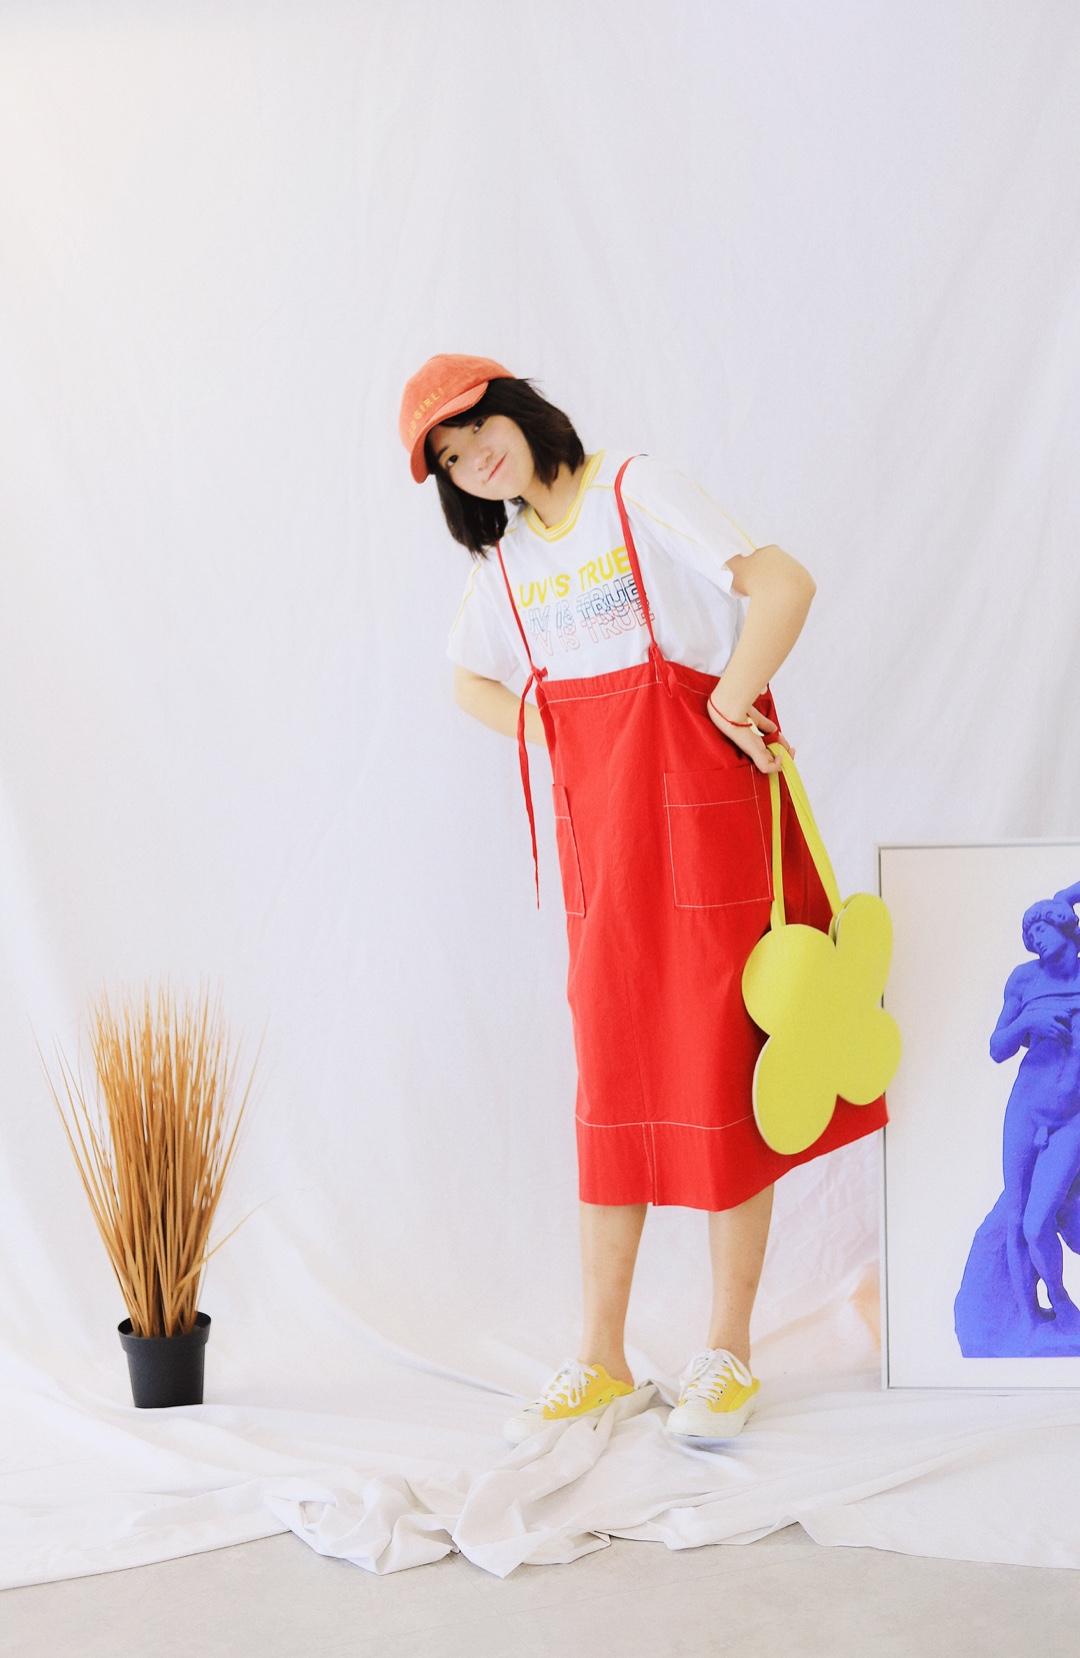 上身是一件白色黄领印花短袖 搭配一条红色撞色明线大口袋半身裙背带裙 穿上一双黄色帆布鞋 戴上一顶橙色的鸭舌帽 拎上一个黄色的蝴蝶包 这样一身颜色就超级好看啦 饱和度比较高很适合夏天呢 #鬼马少女元气穿衣经#